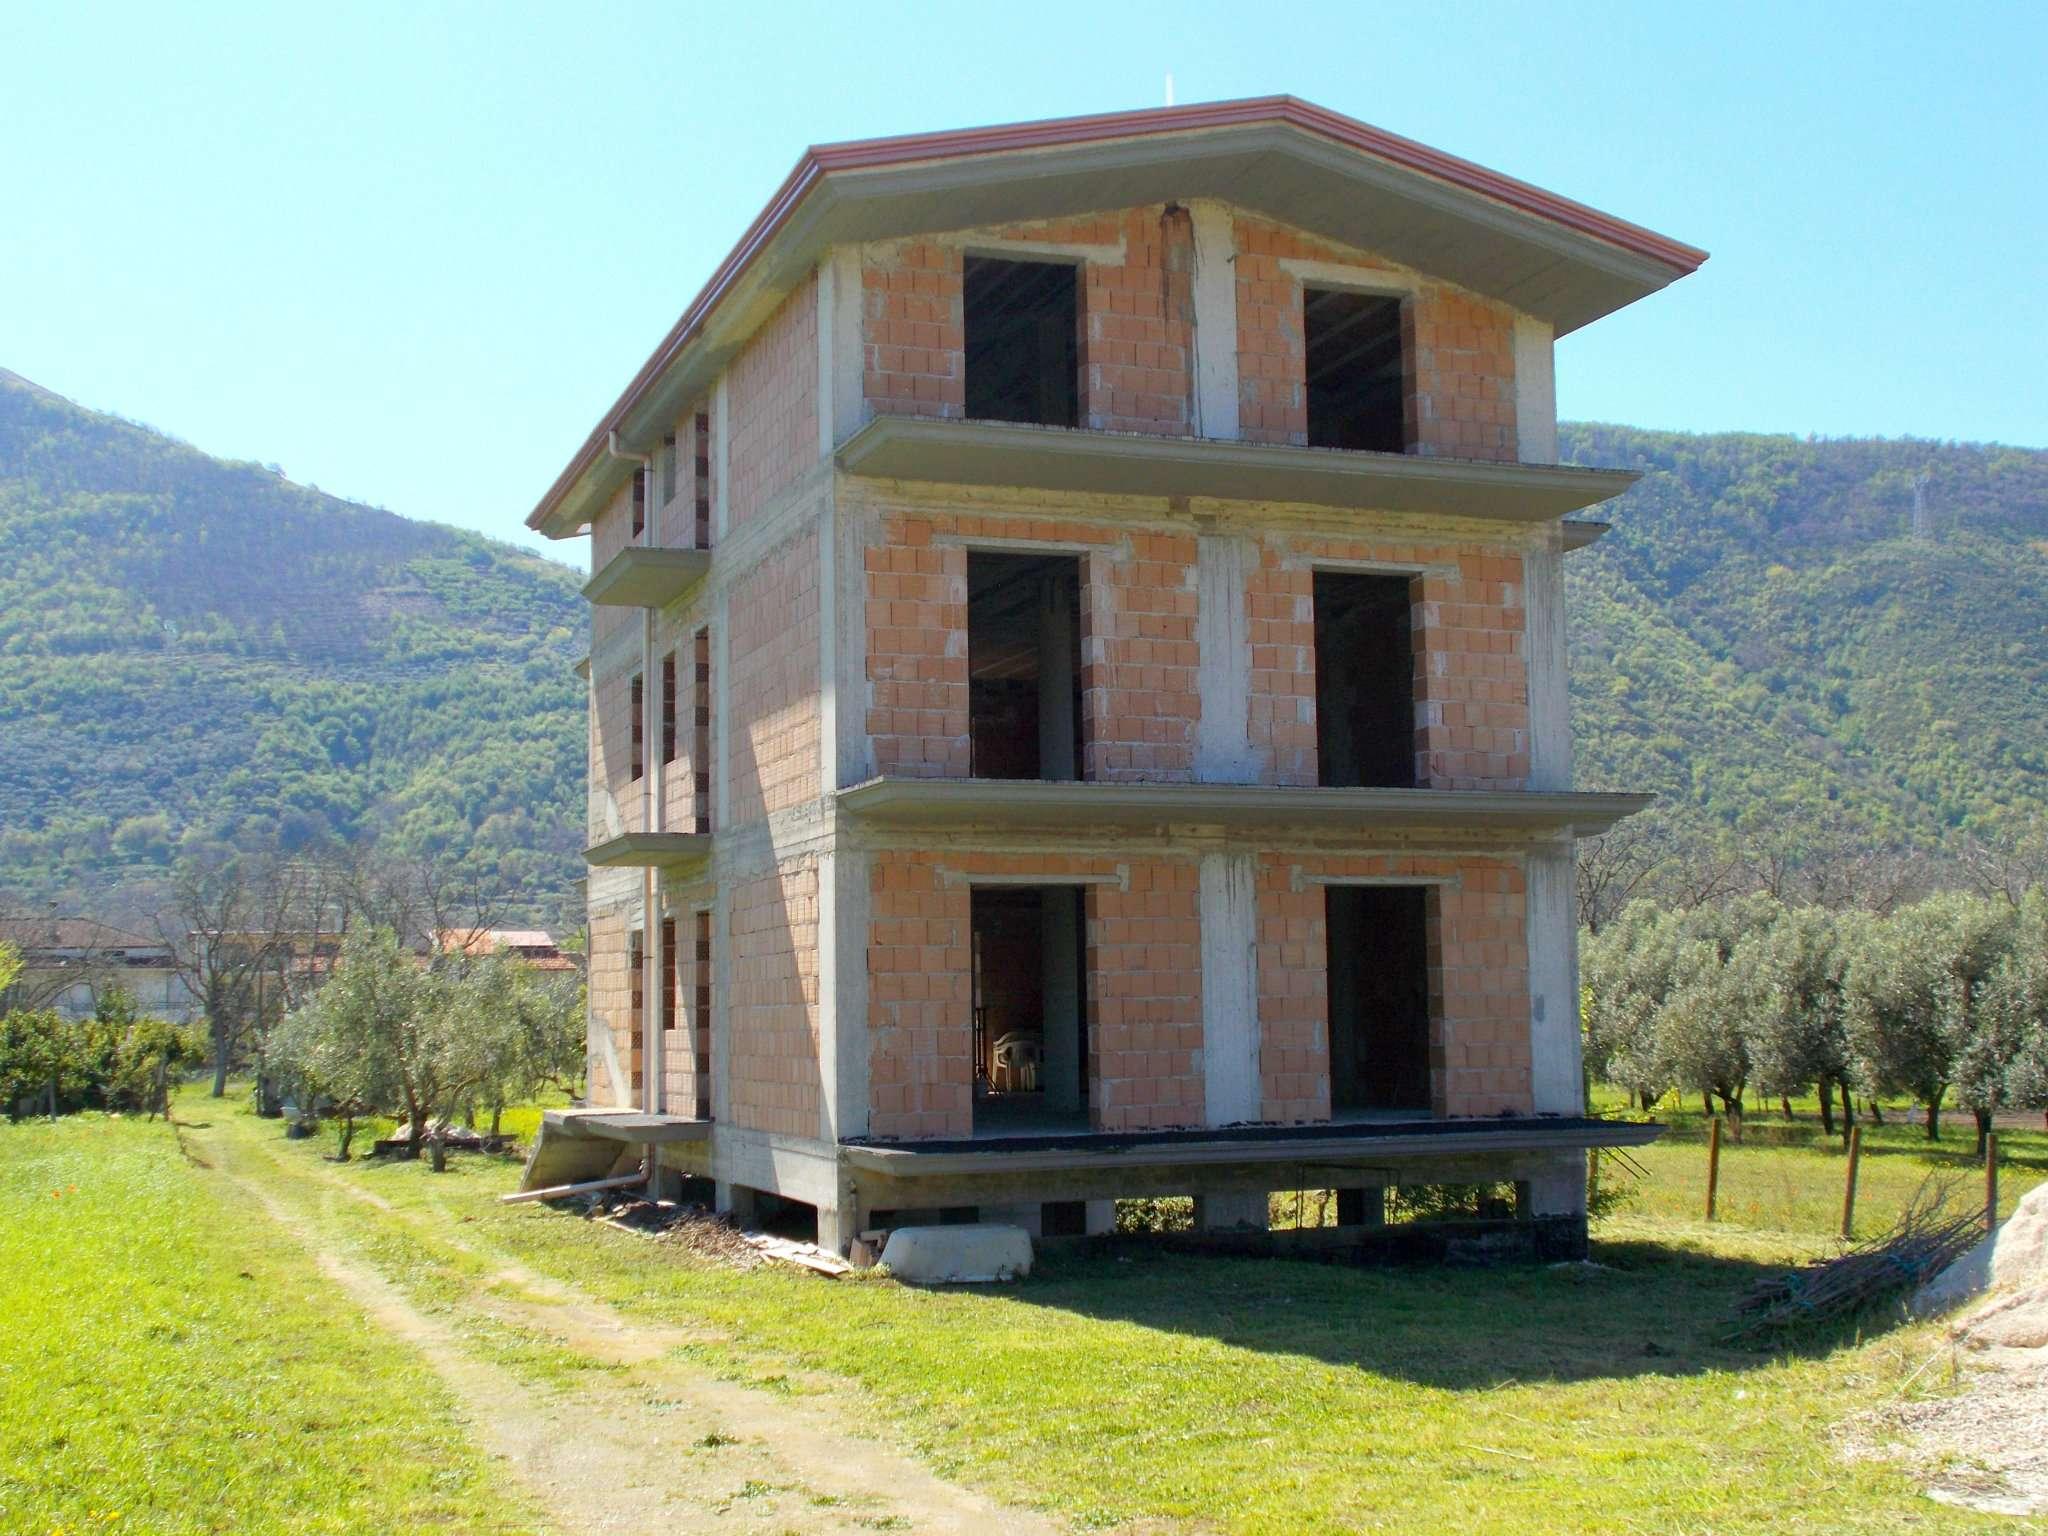 Rustico / Casale in vendita a San Felice a Cancello, 9999 locali, prezzo € 140.000 | CambioCasa.it